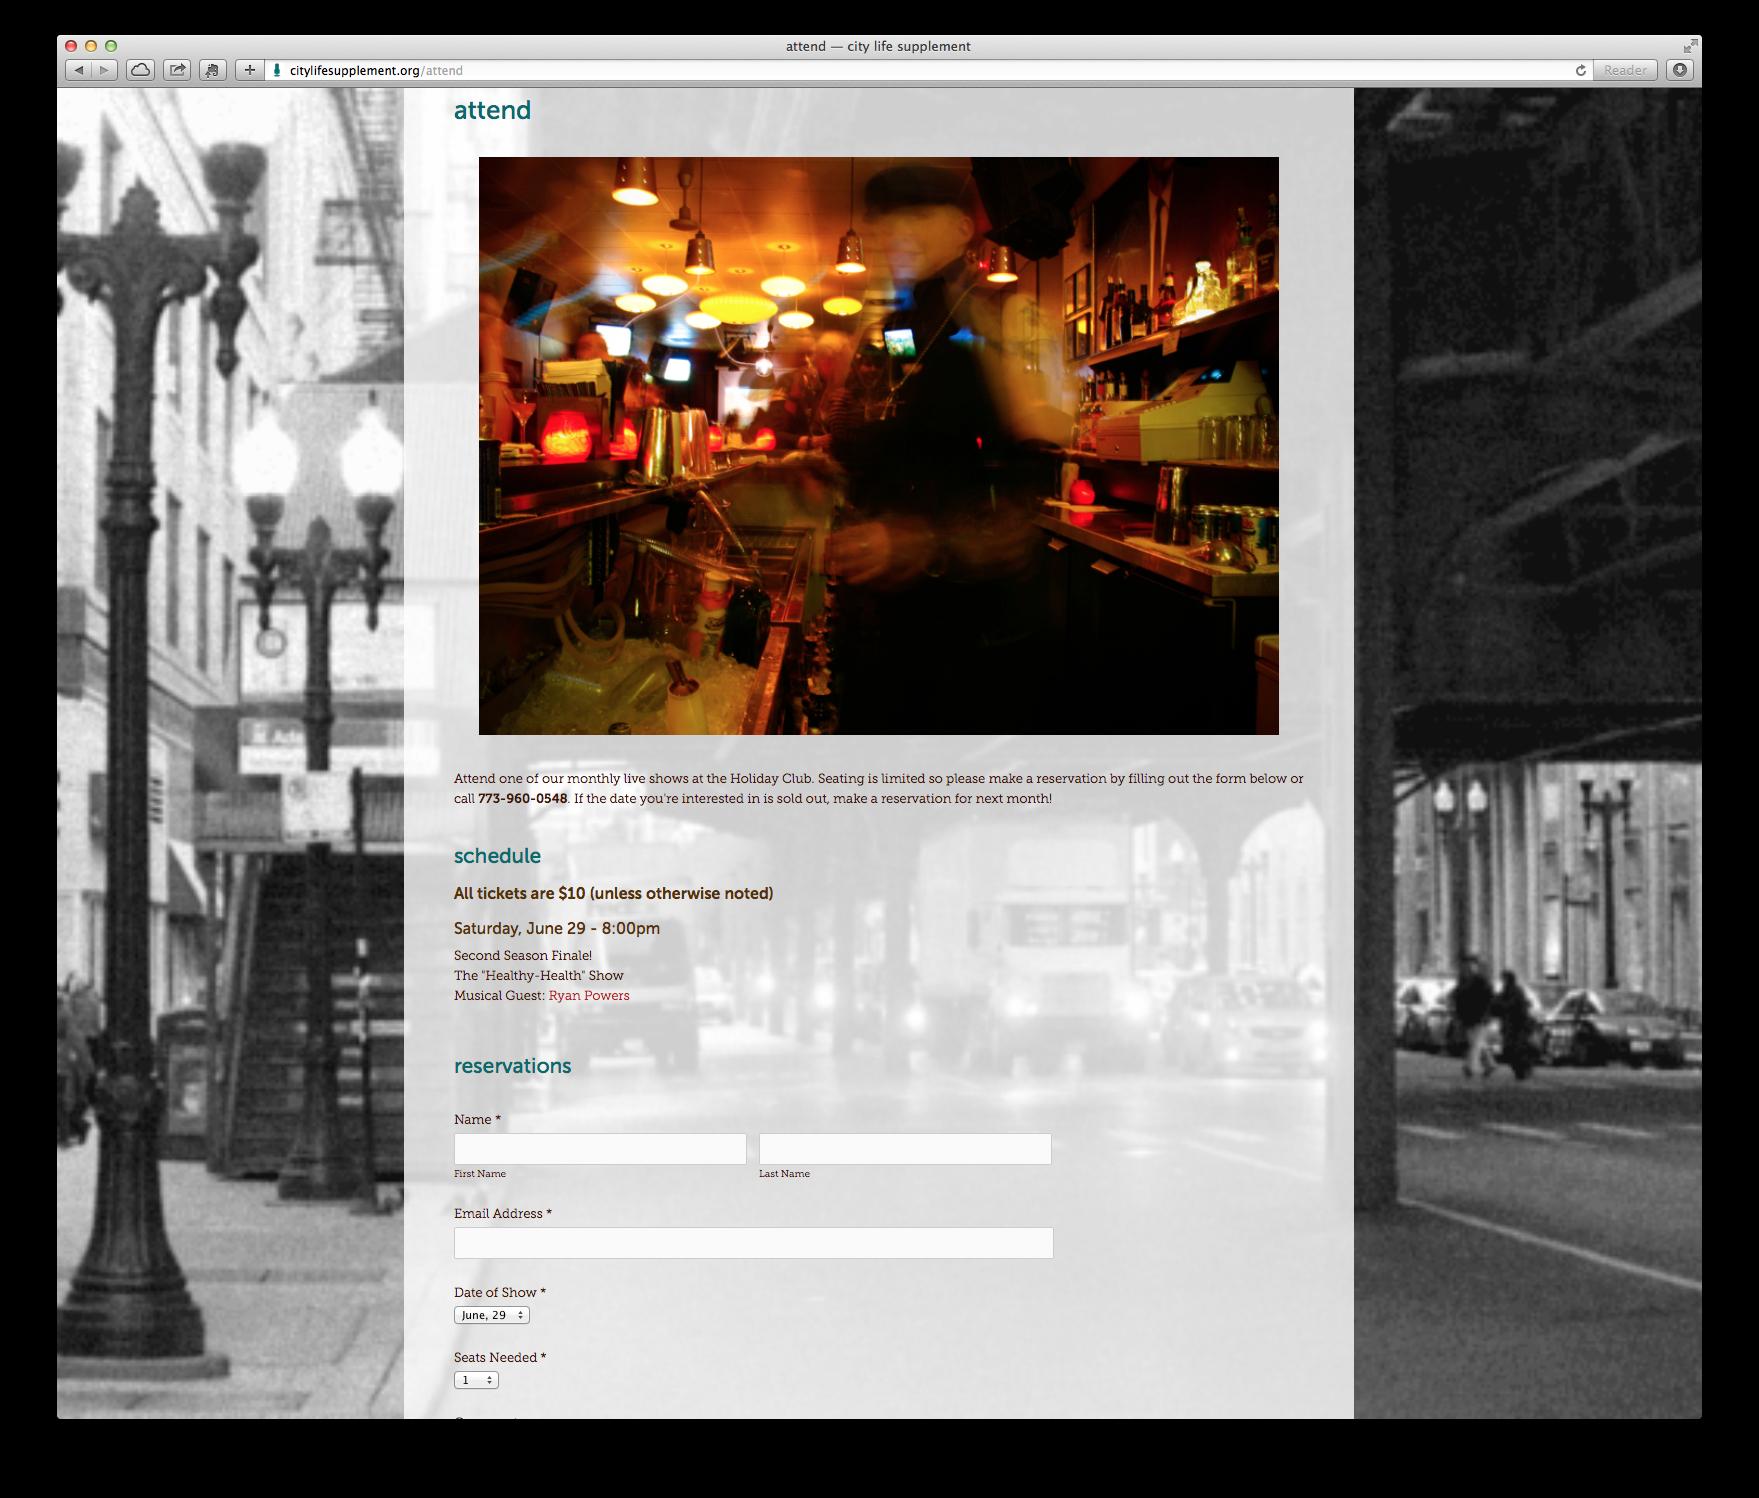 Screen Shot 2013-11-17 at 6.45.39 PM.png